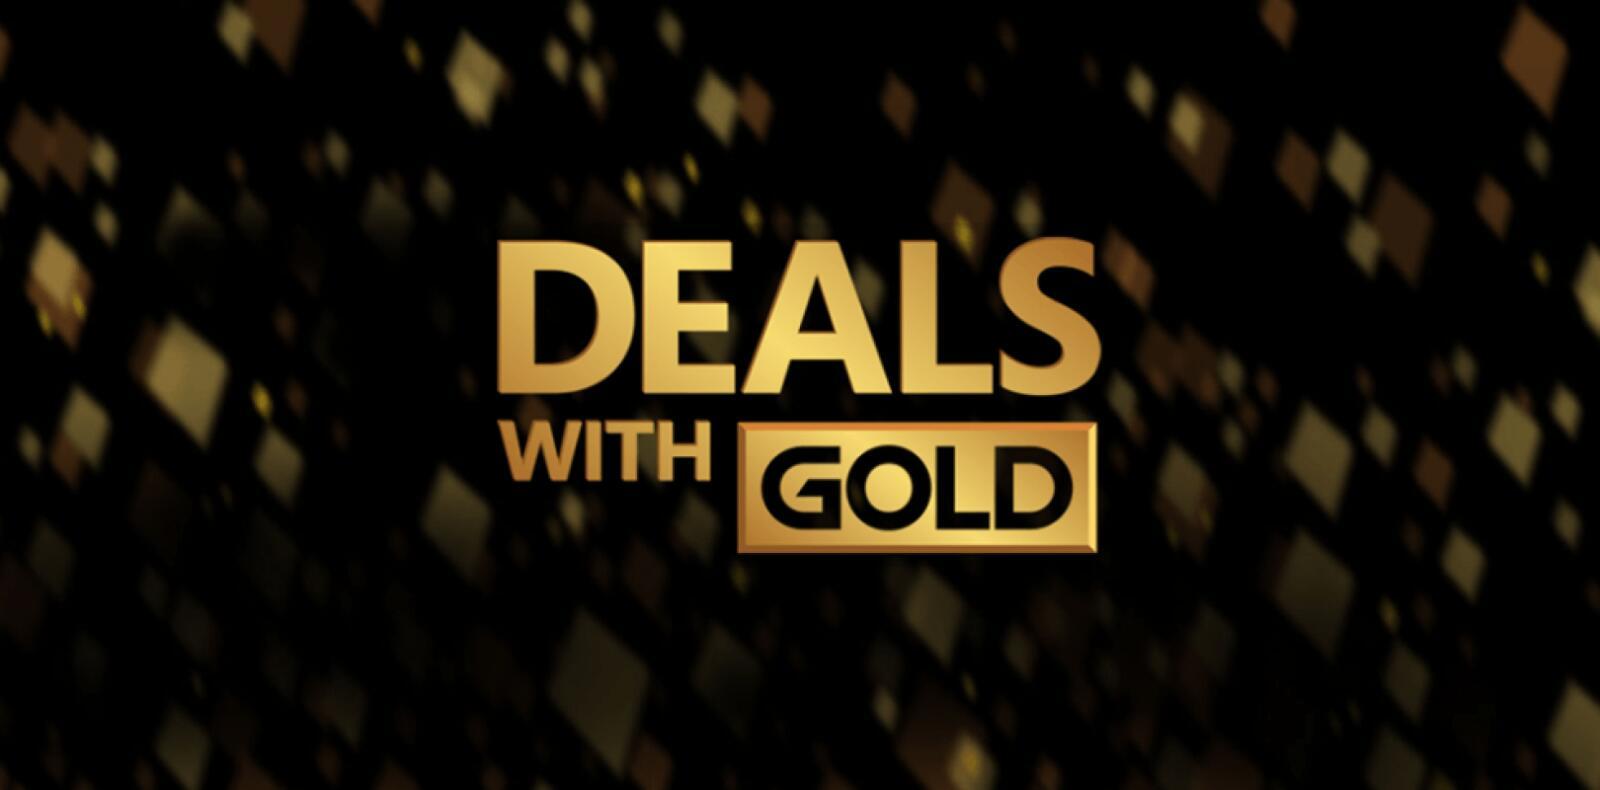 Xbox: Deals With Gold semana del 4 al 11 de mayo de 2021